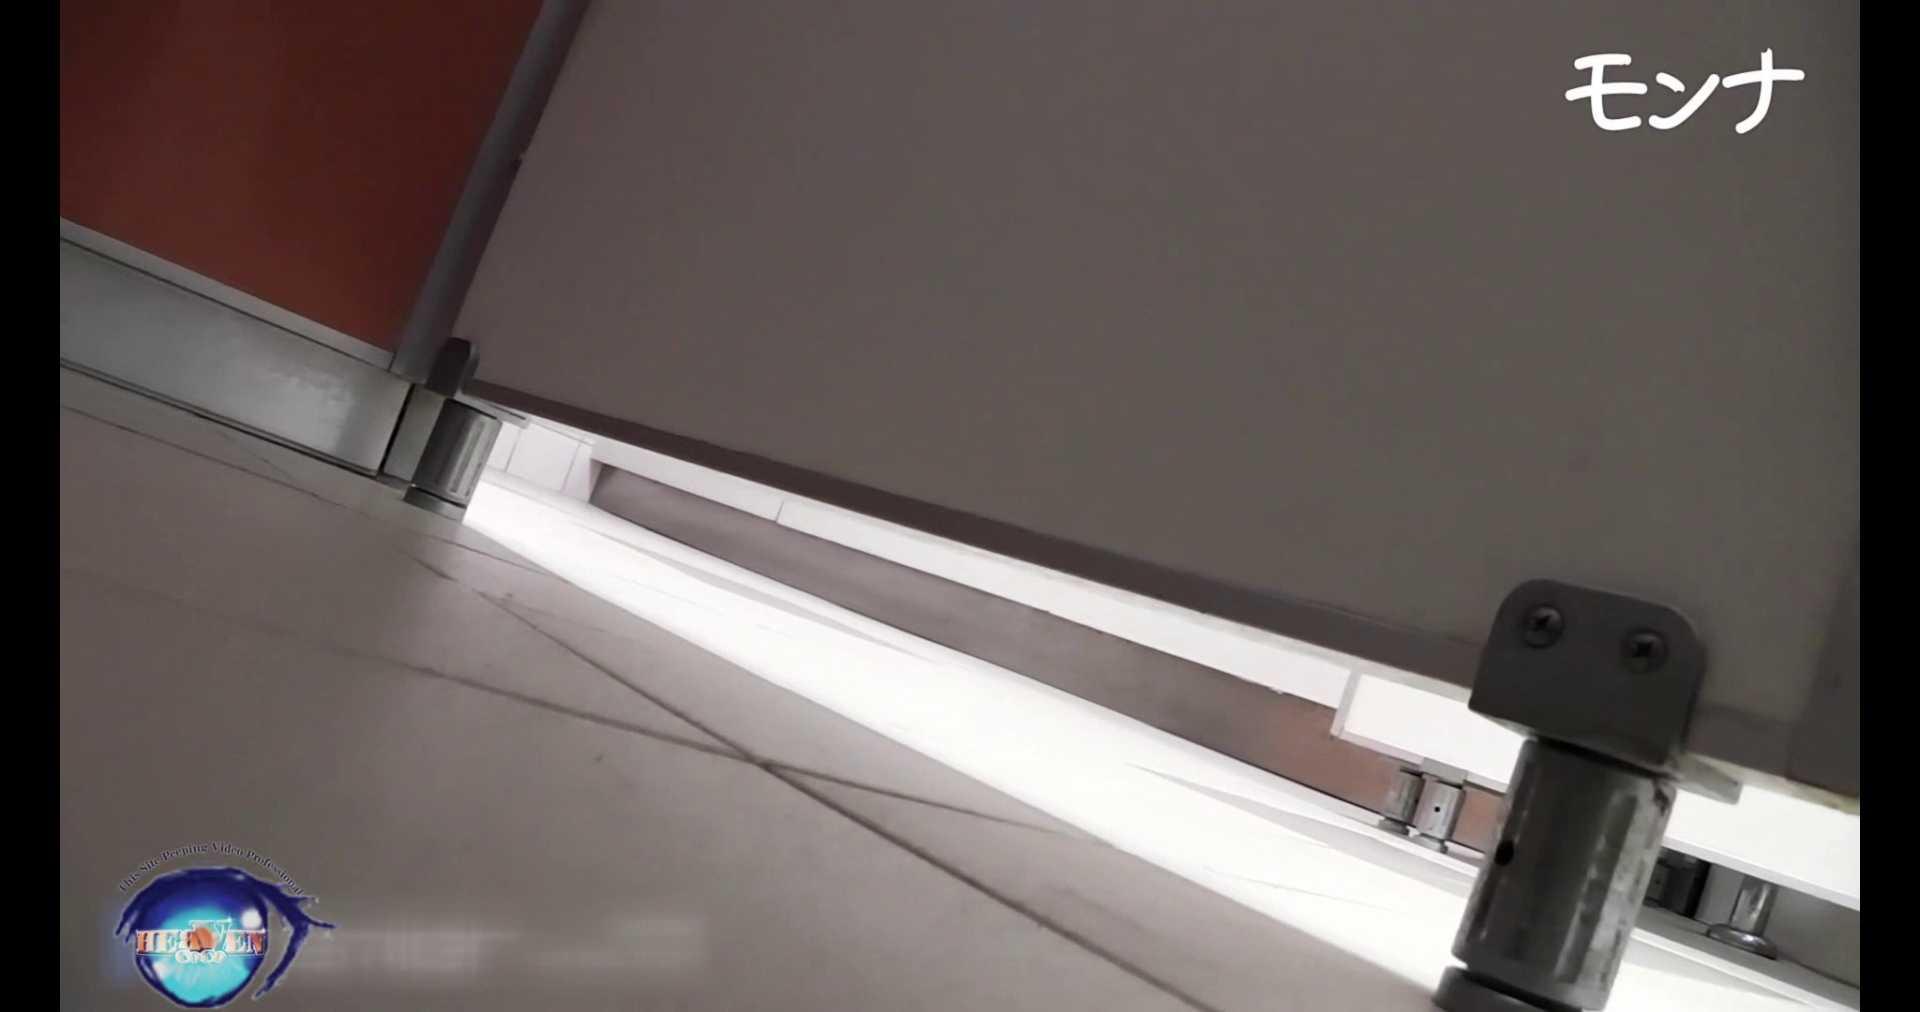 美しい日本の未来 No.92後編 おまんこ無修正 AV動画キャプチャ 87画像 83